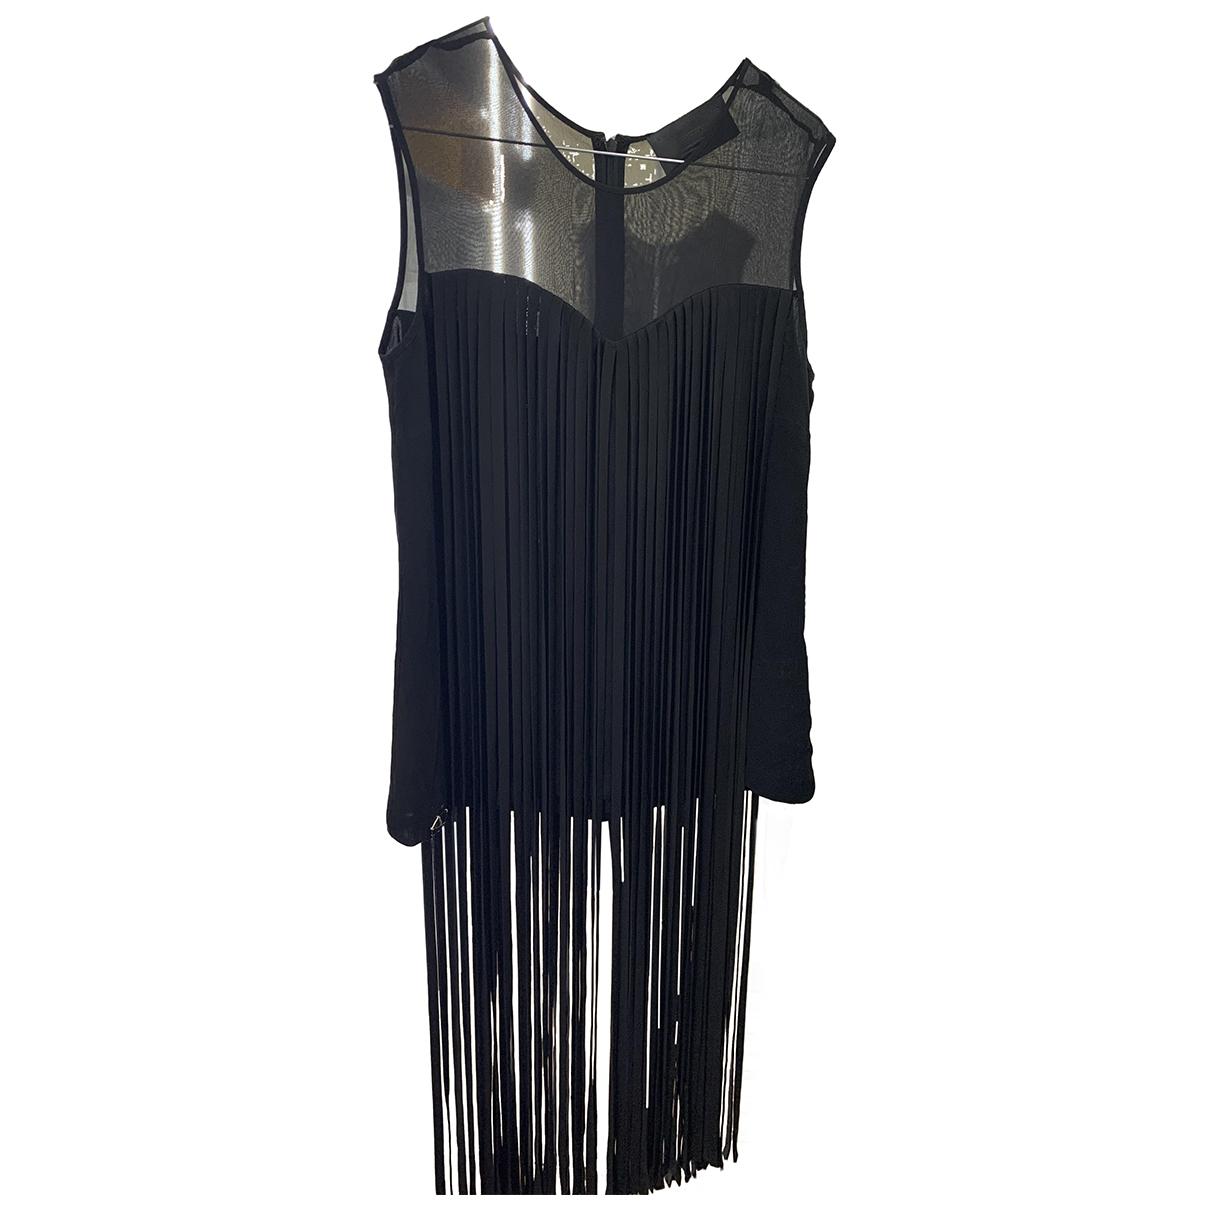 Philipp Plein - Top   pour femme en soie - noir